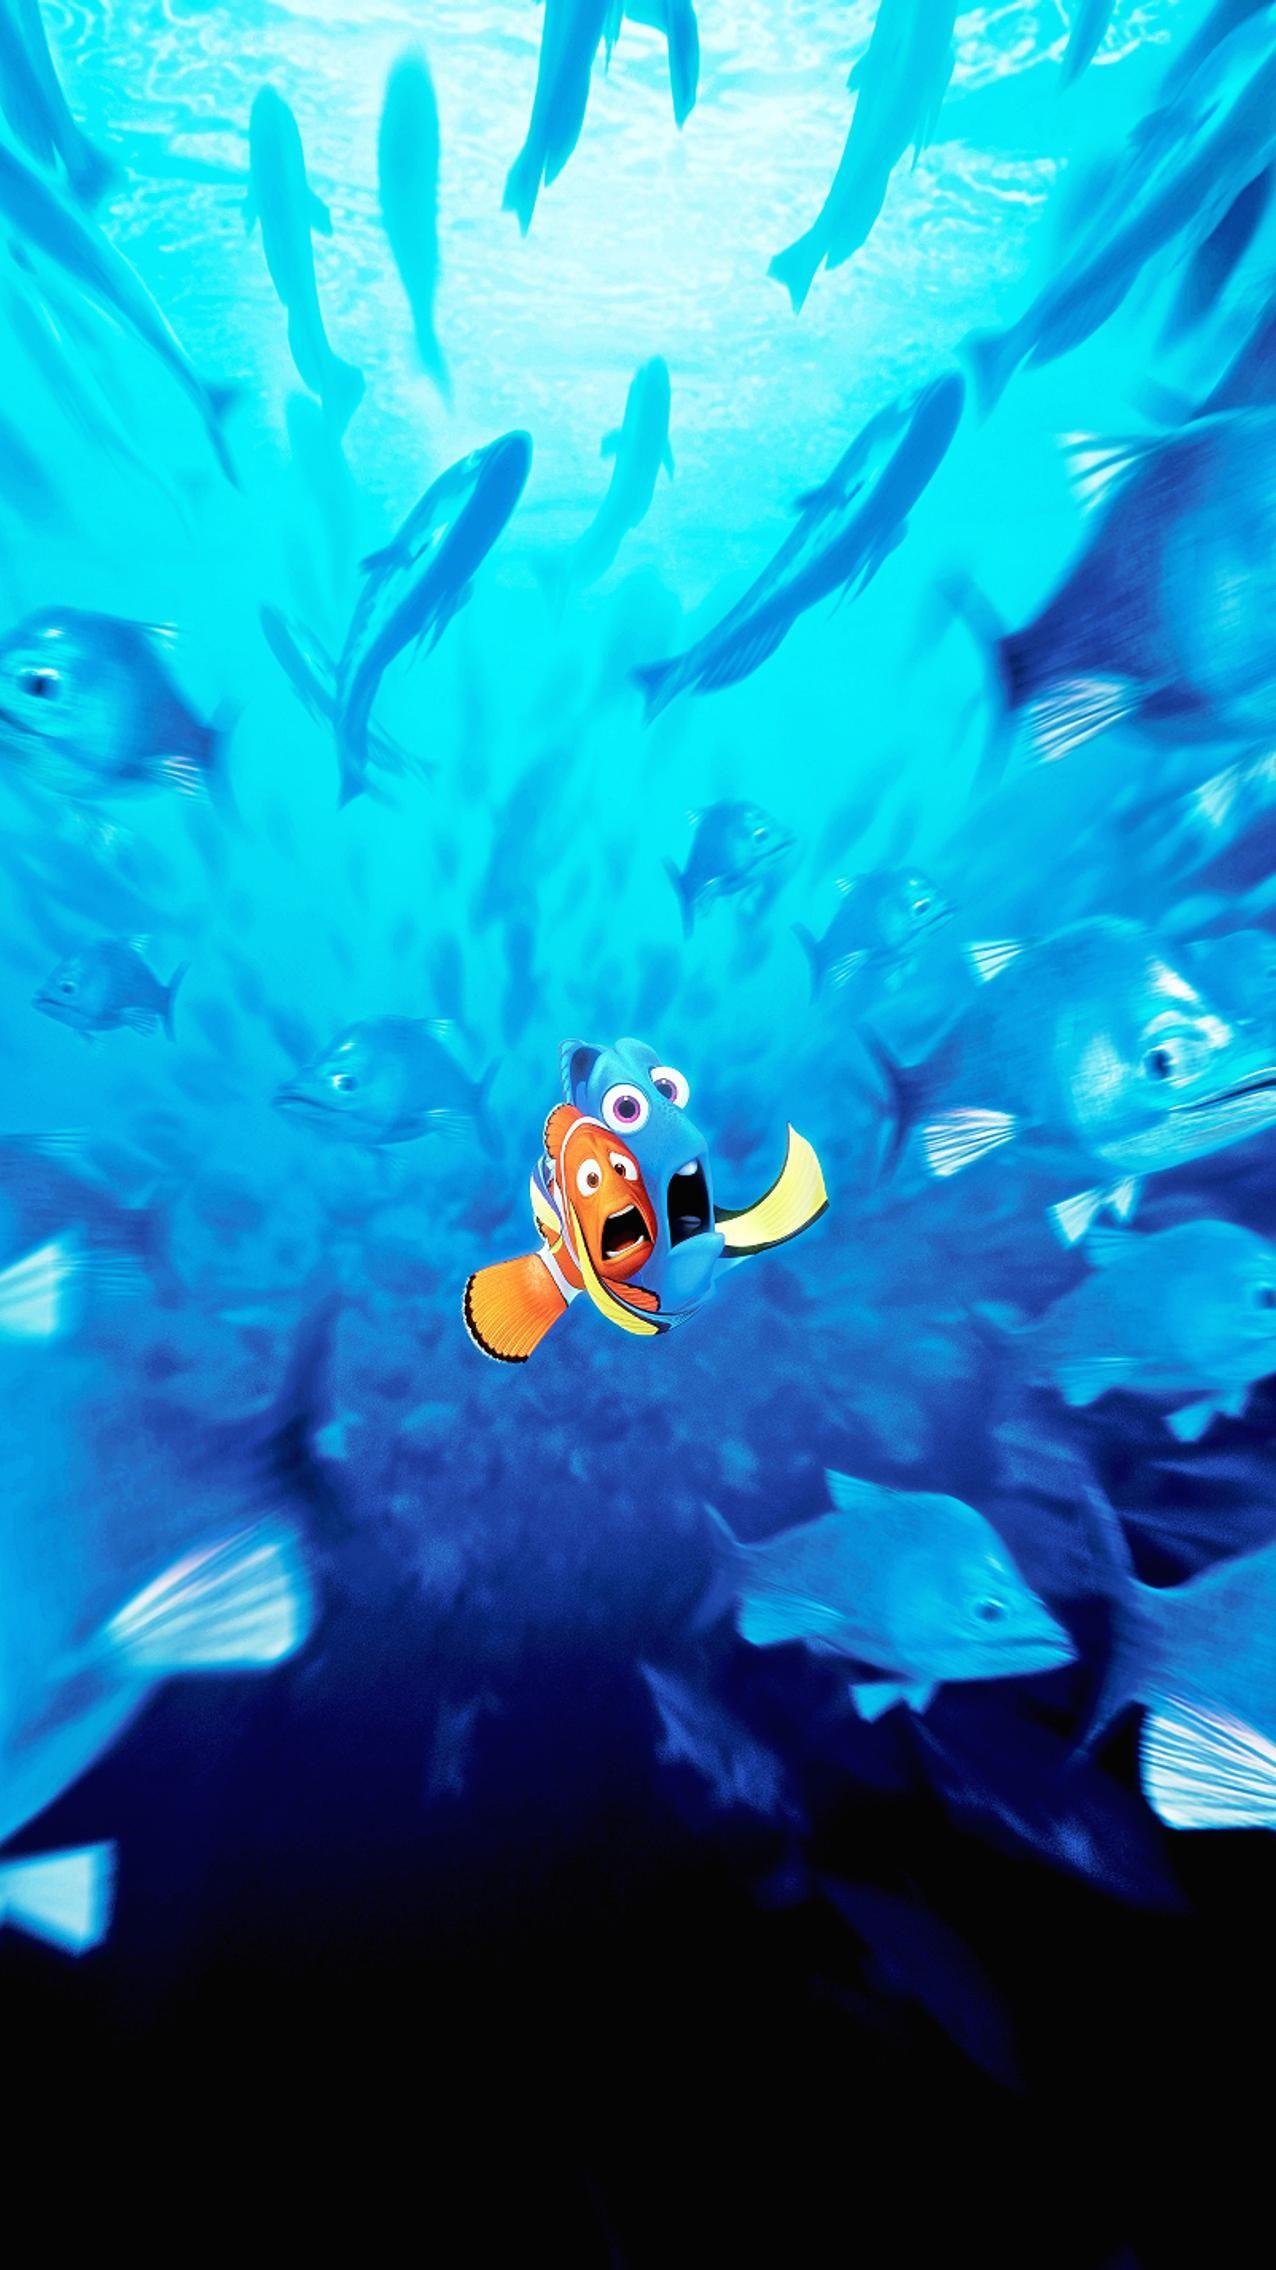 Finding Nemo 2003 Phone Wallpaper Moviemania Disney Finding Nemo Finding Nemo Movie Posters Finding Nemo Movie